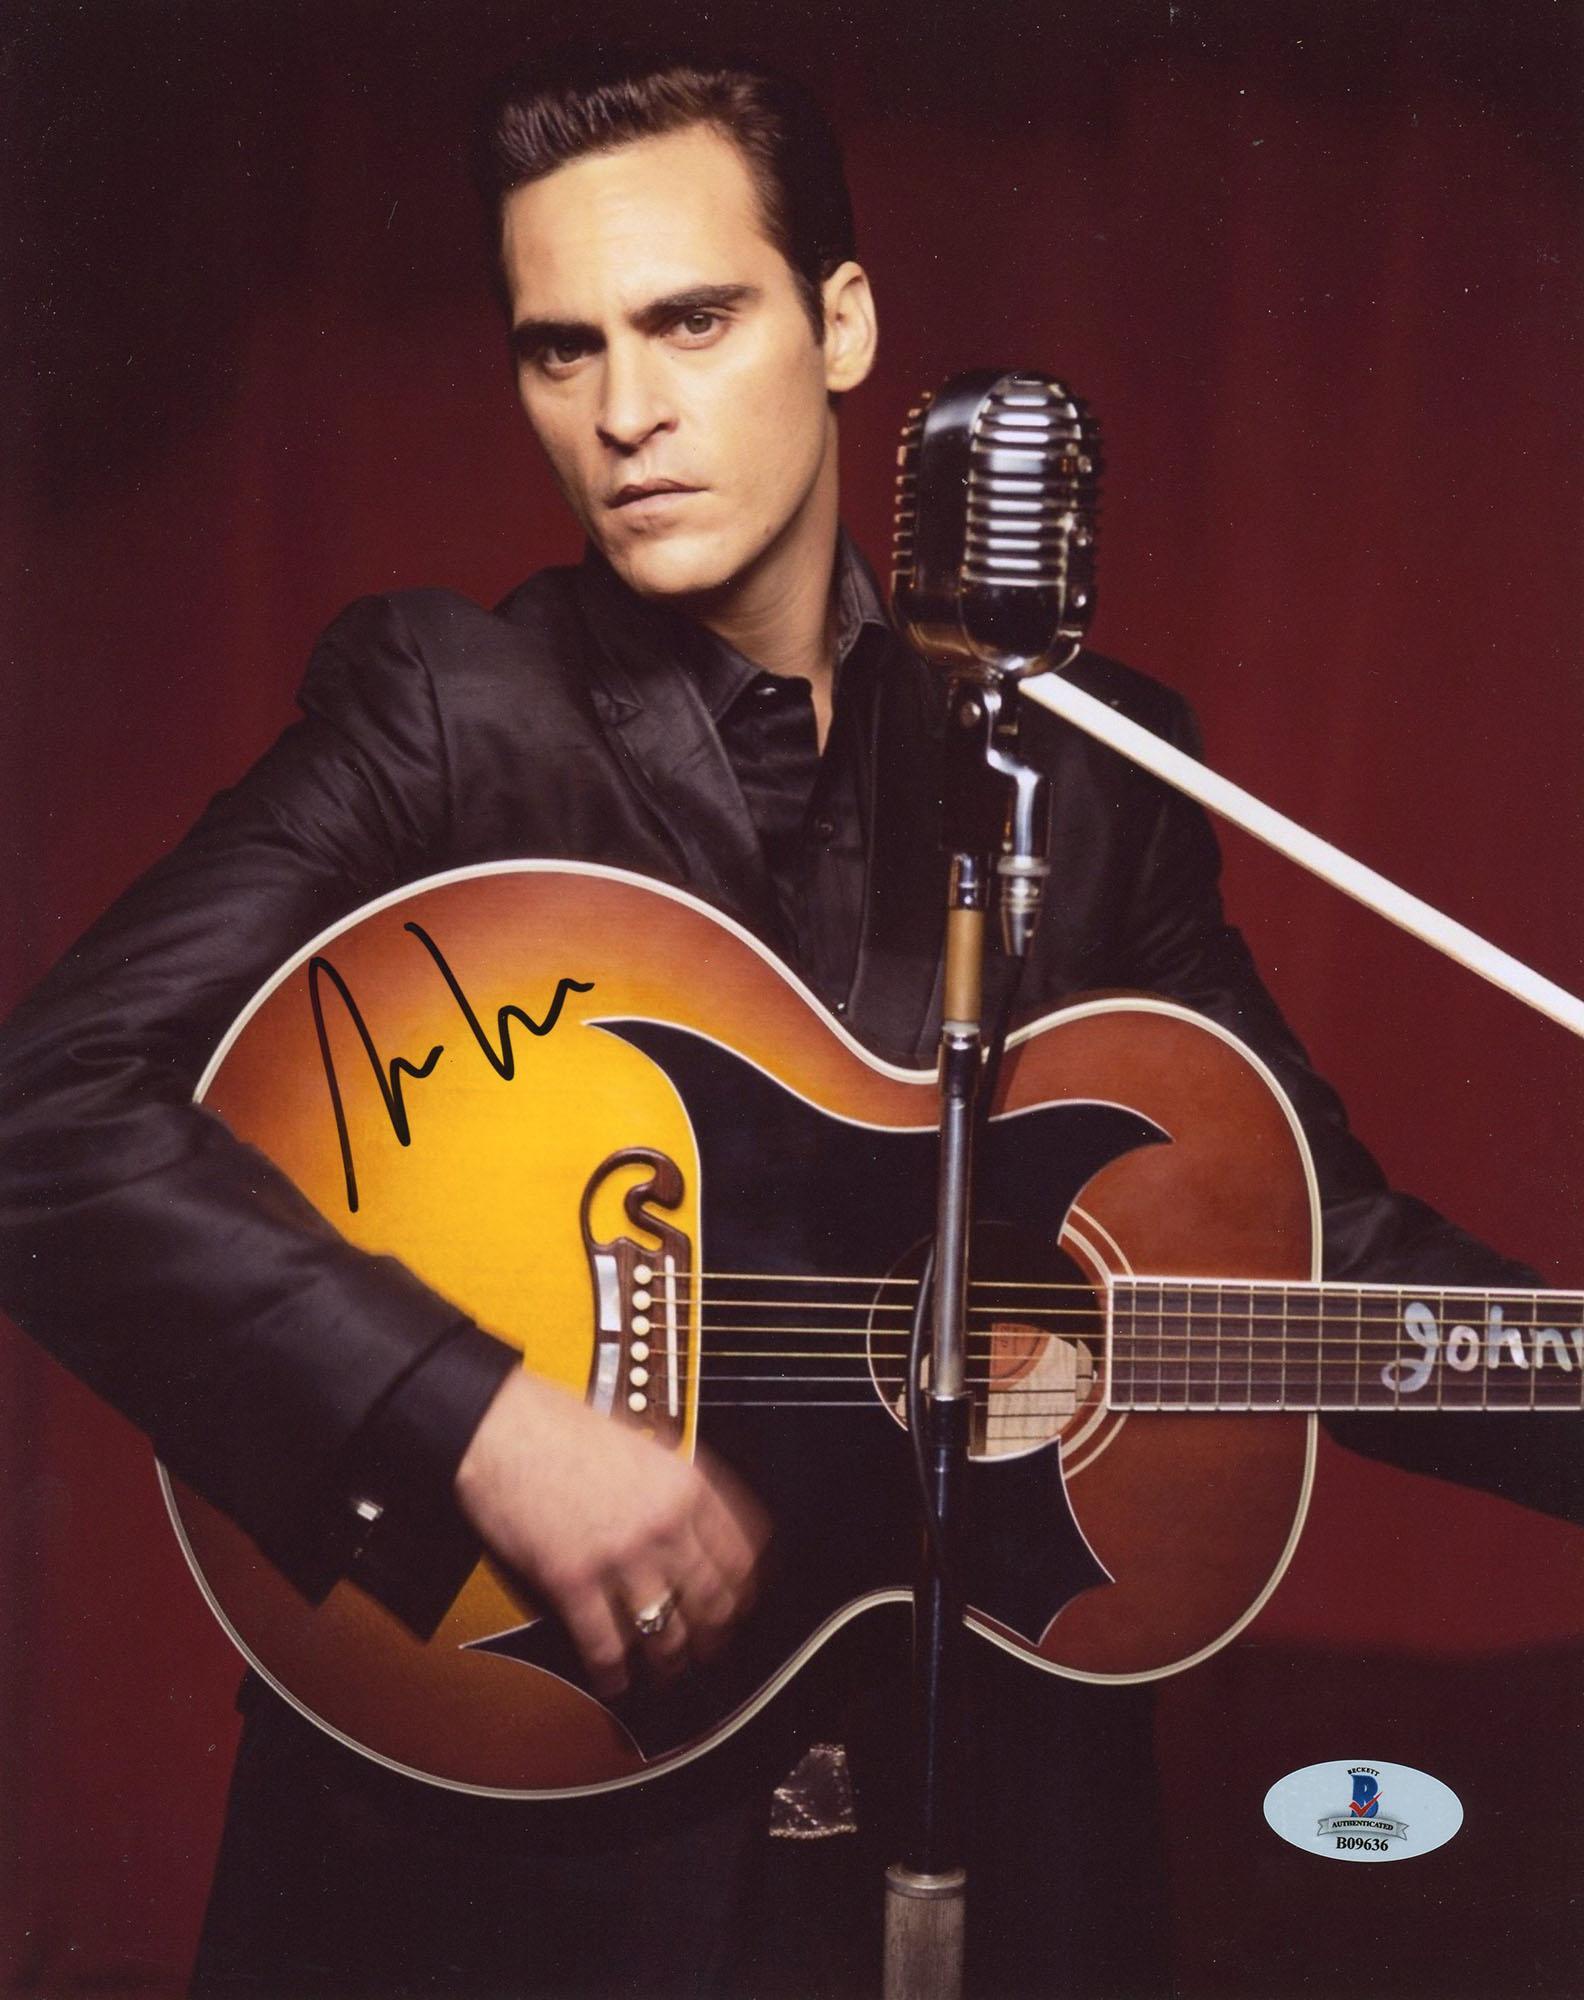 """Joaquin Phoenix Autographed 8"""" x 10"""" Johnny Cash Photograph - Beckett COA"""